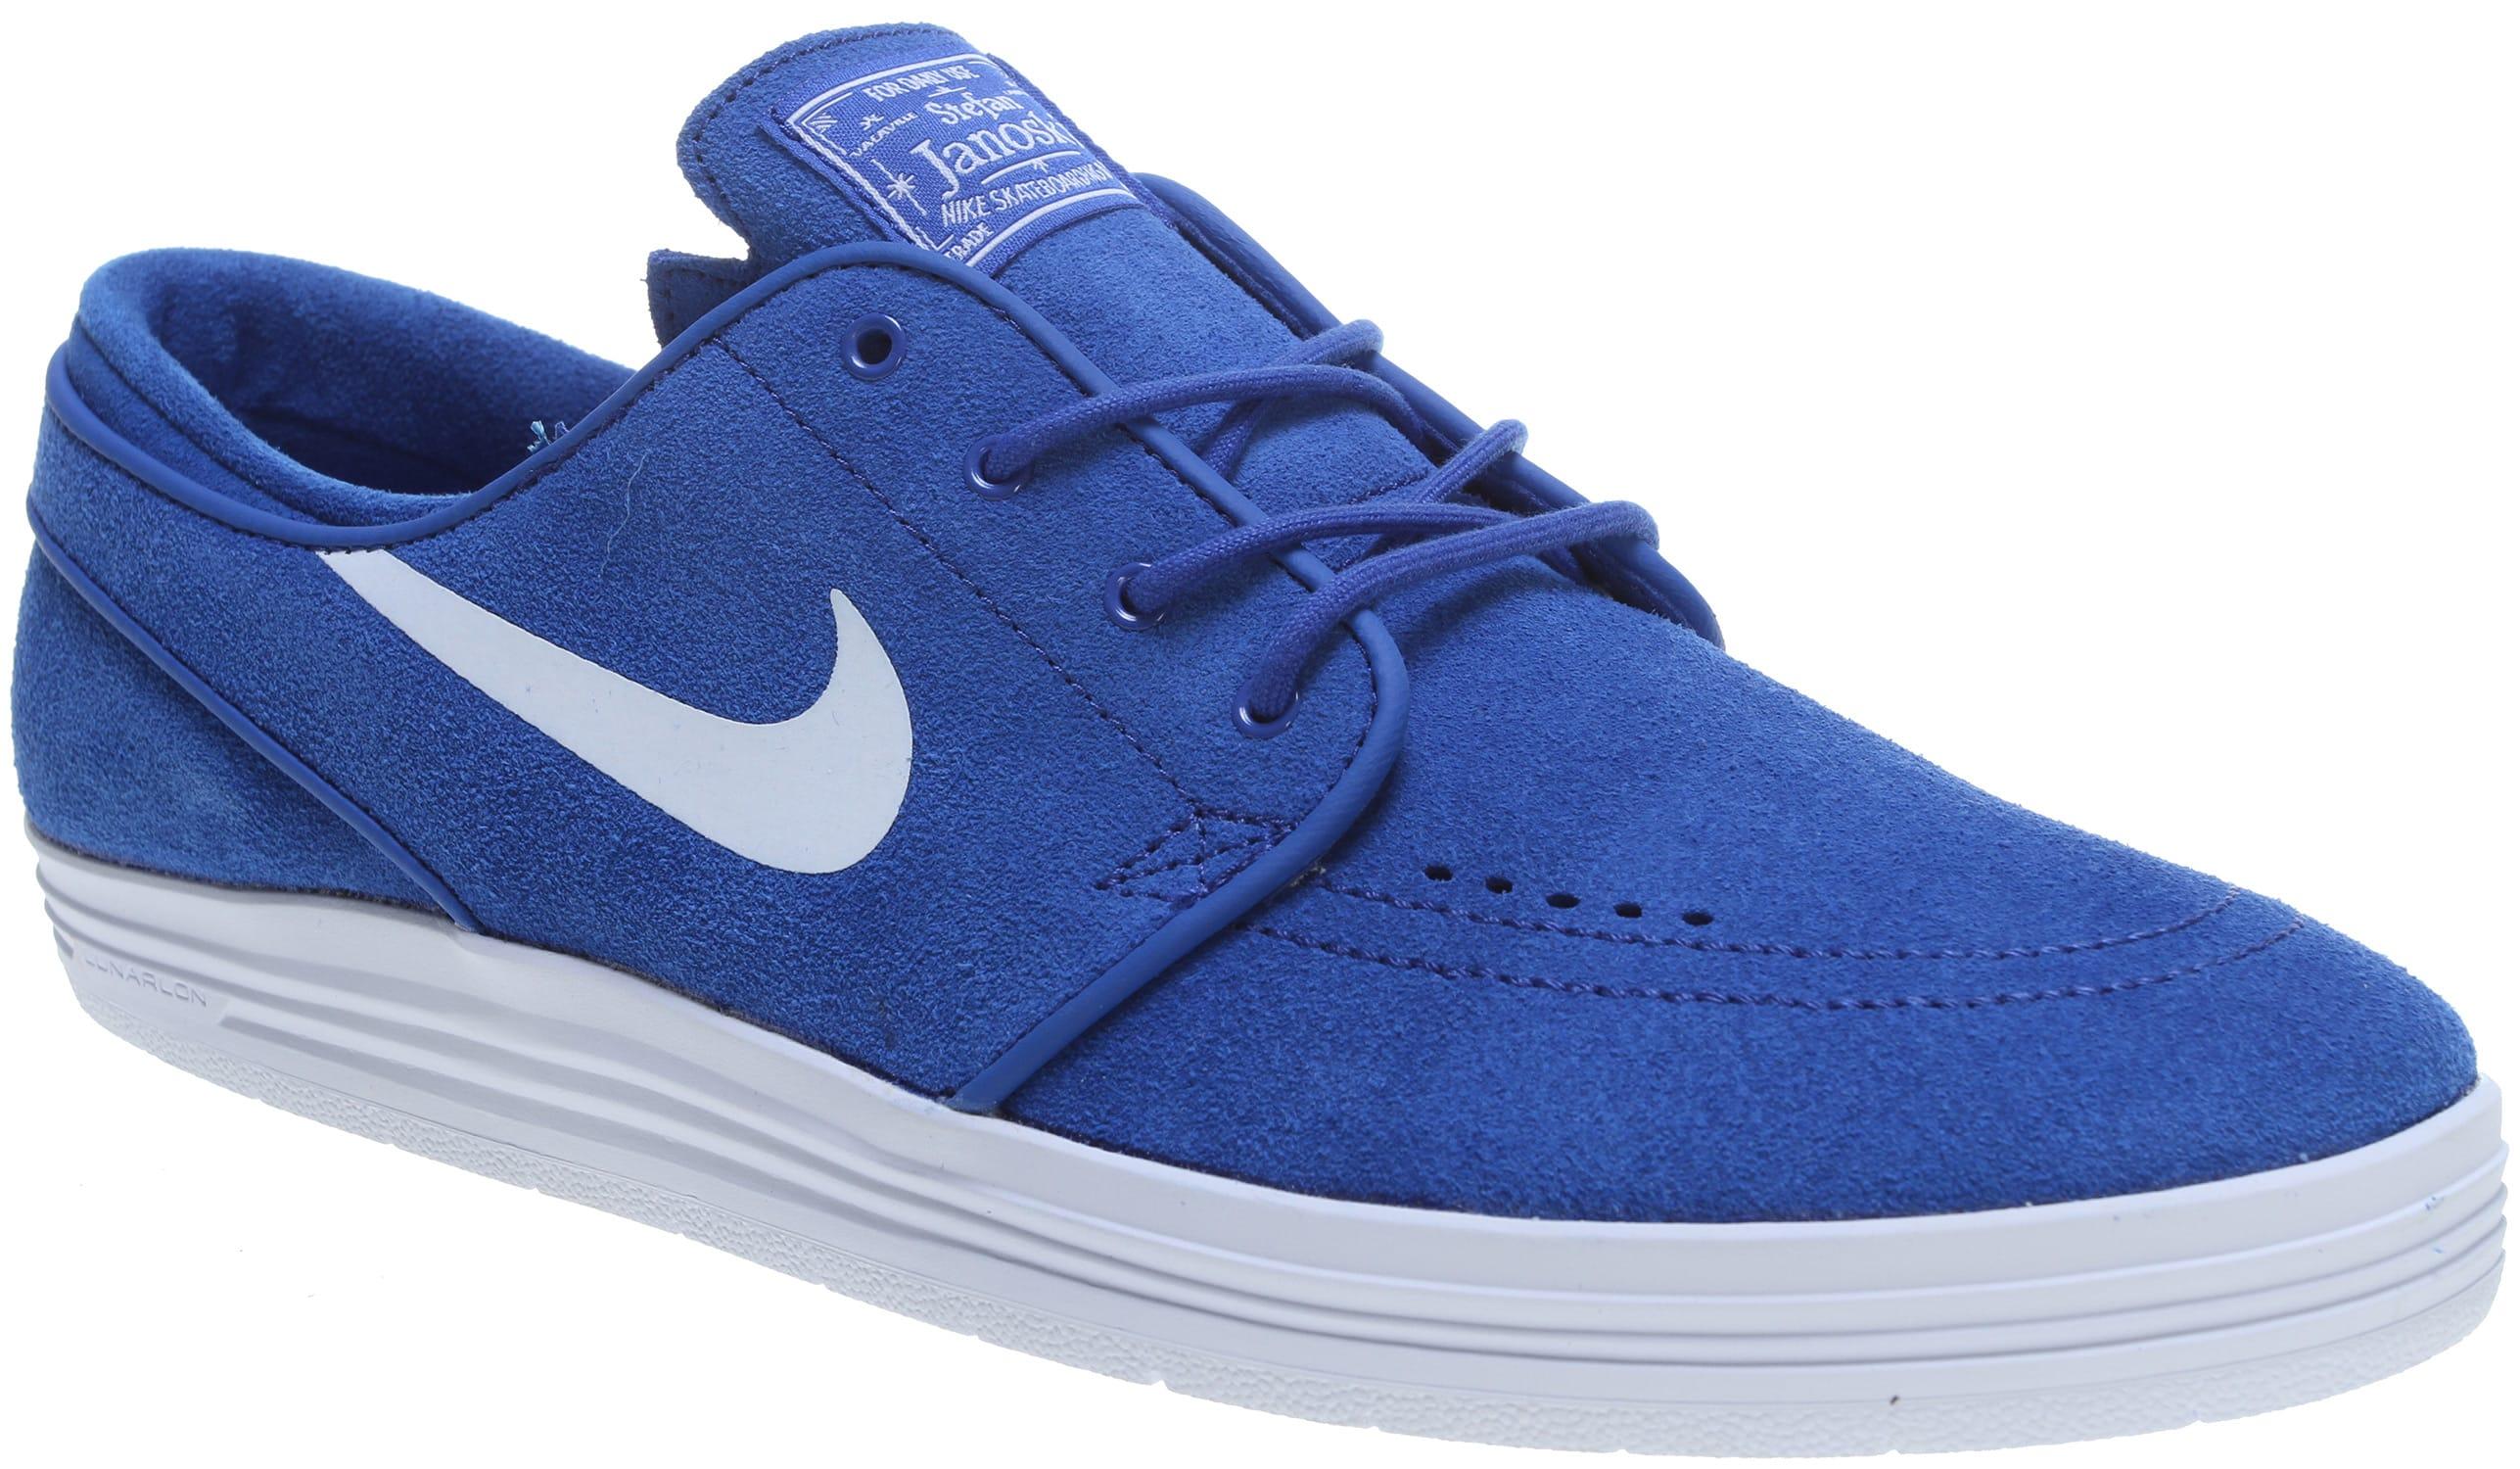 Nike Sb Janoski Leather Shoes